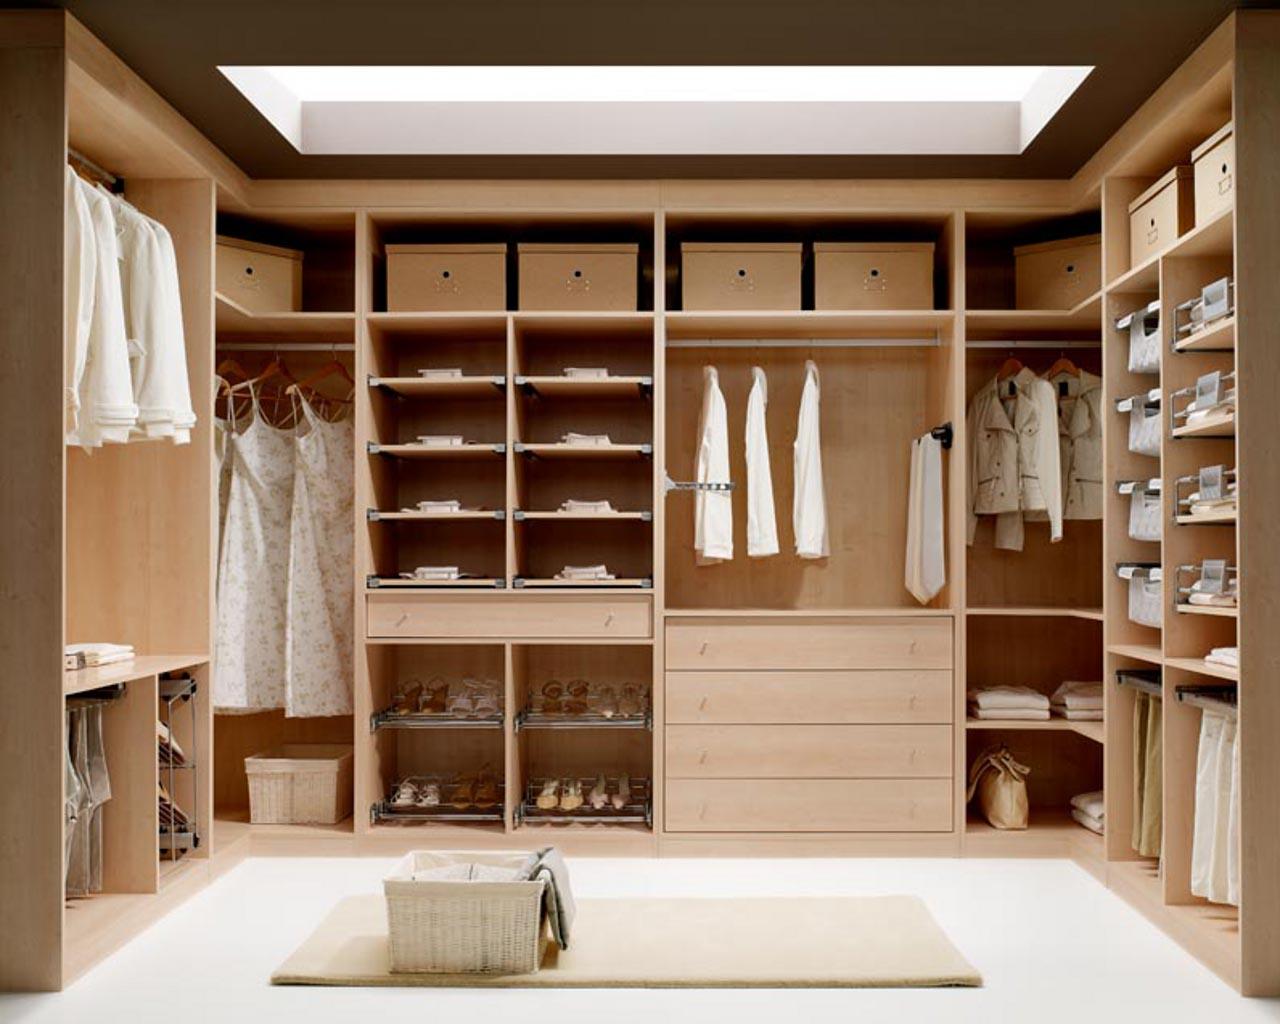 Instalación de armarios a medida y vestidores - GCD Carpintería ...